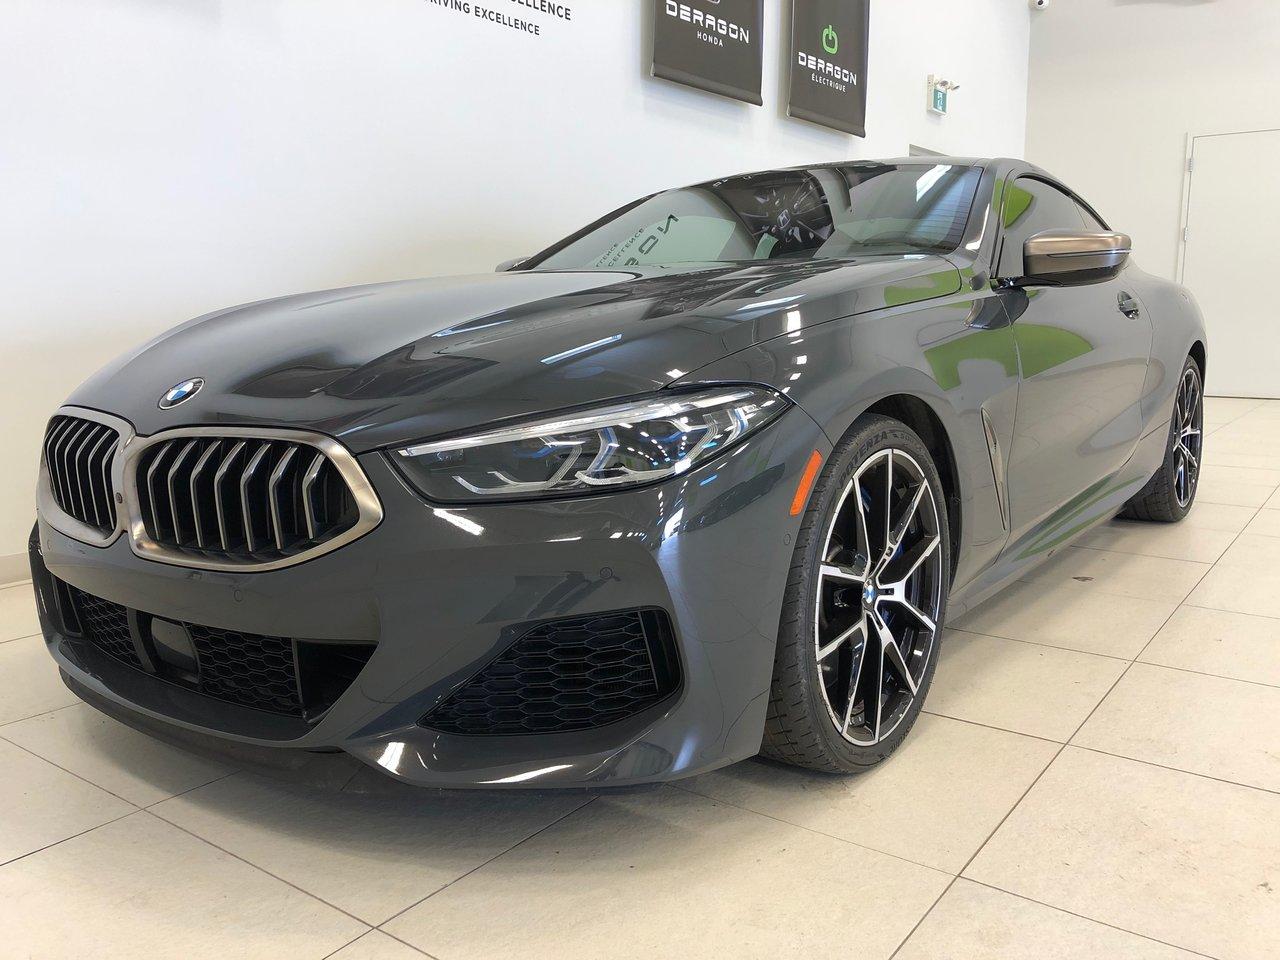 BMW Série 8 2020 M850i, EXECUTIVE PACK, CARBON FIBRE